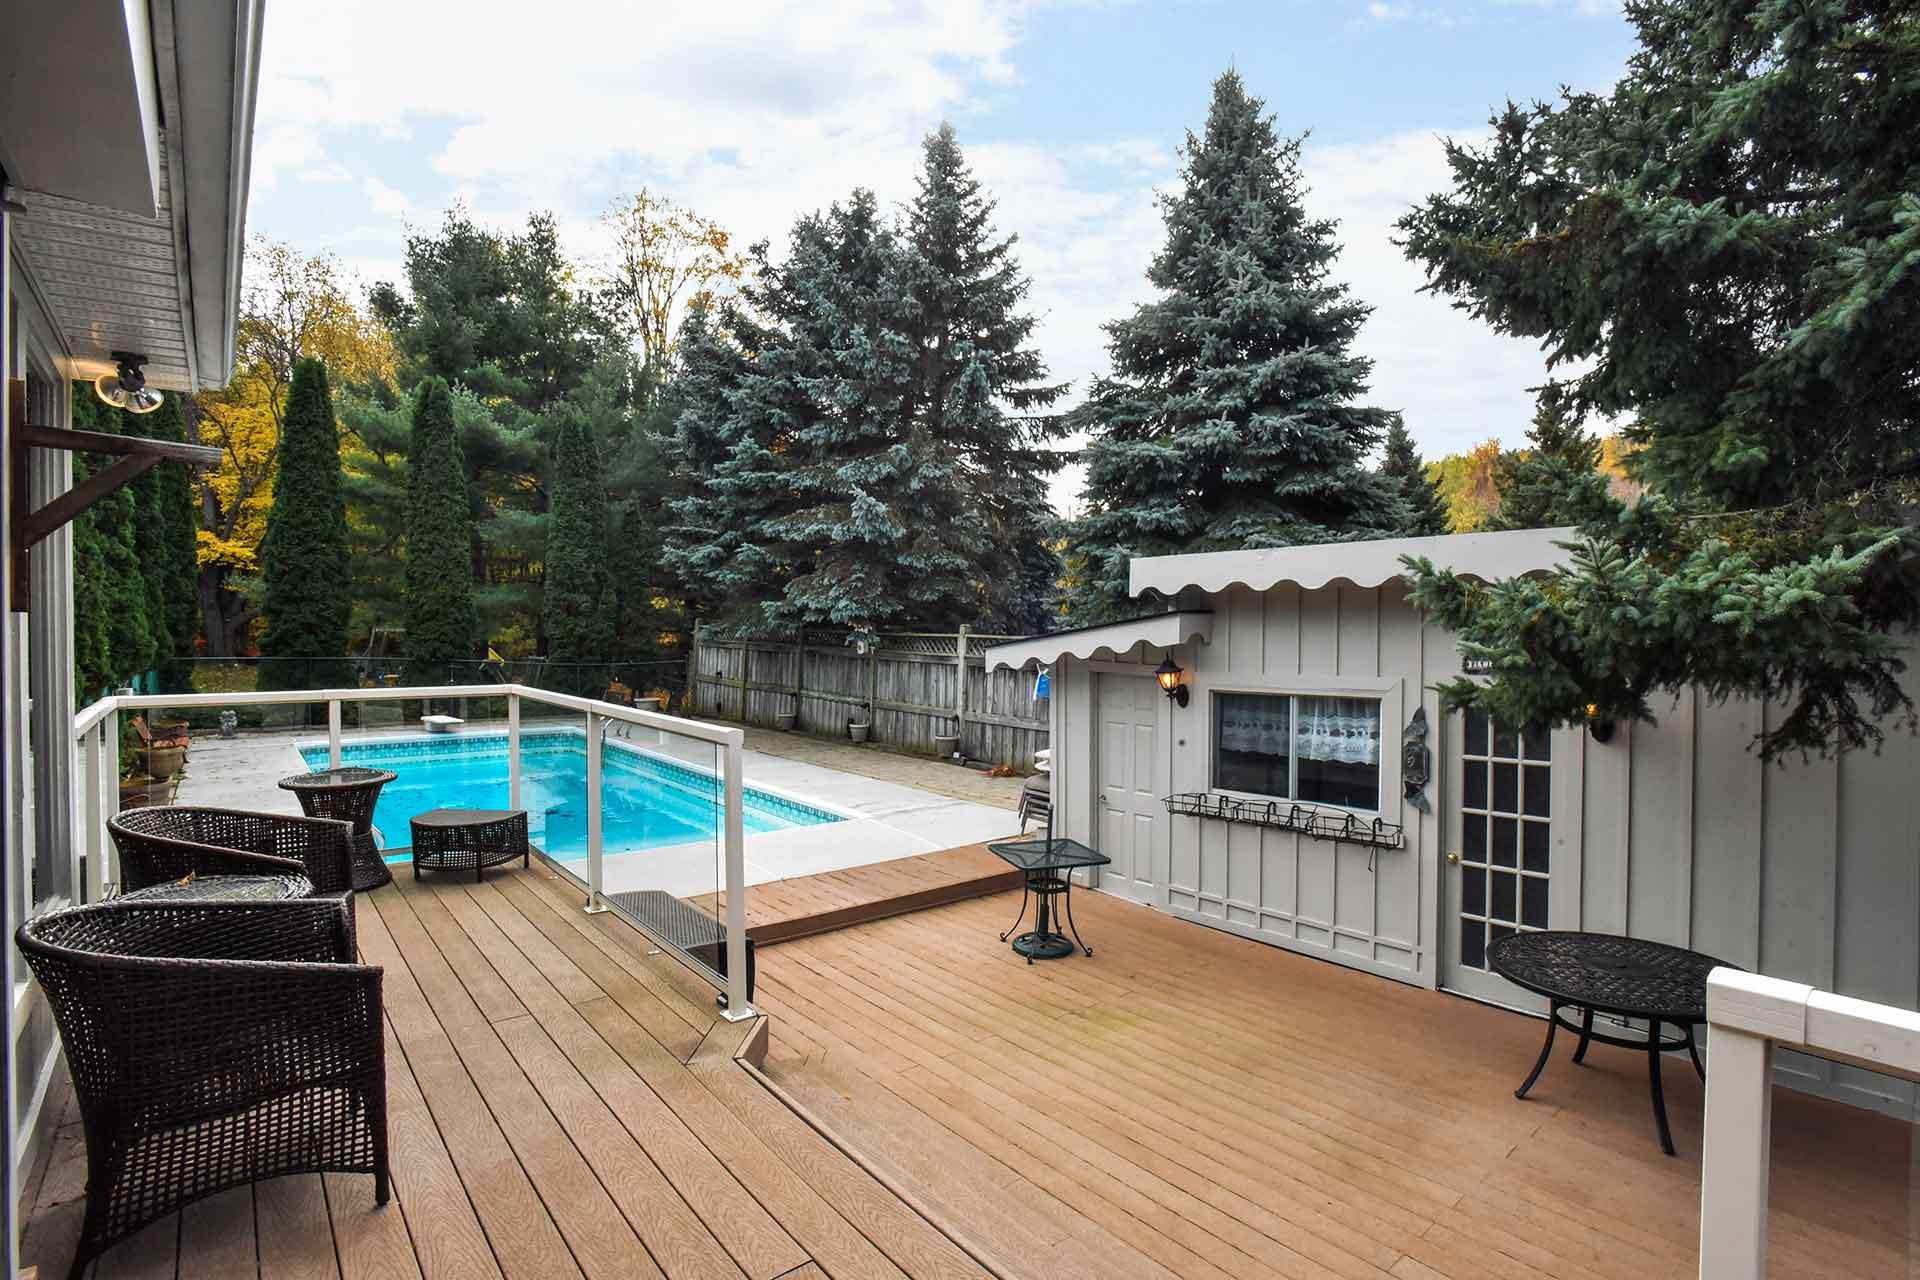 trex decking, pool cabana, inground pool